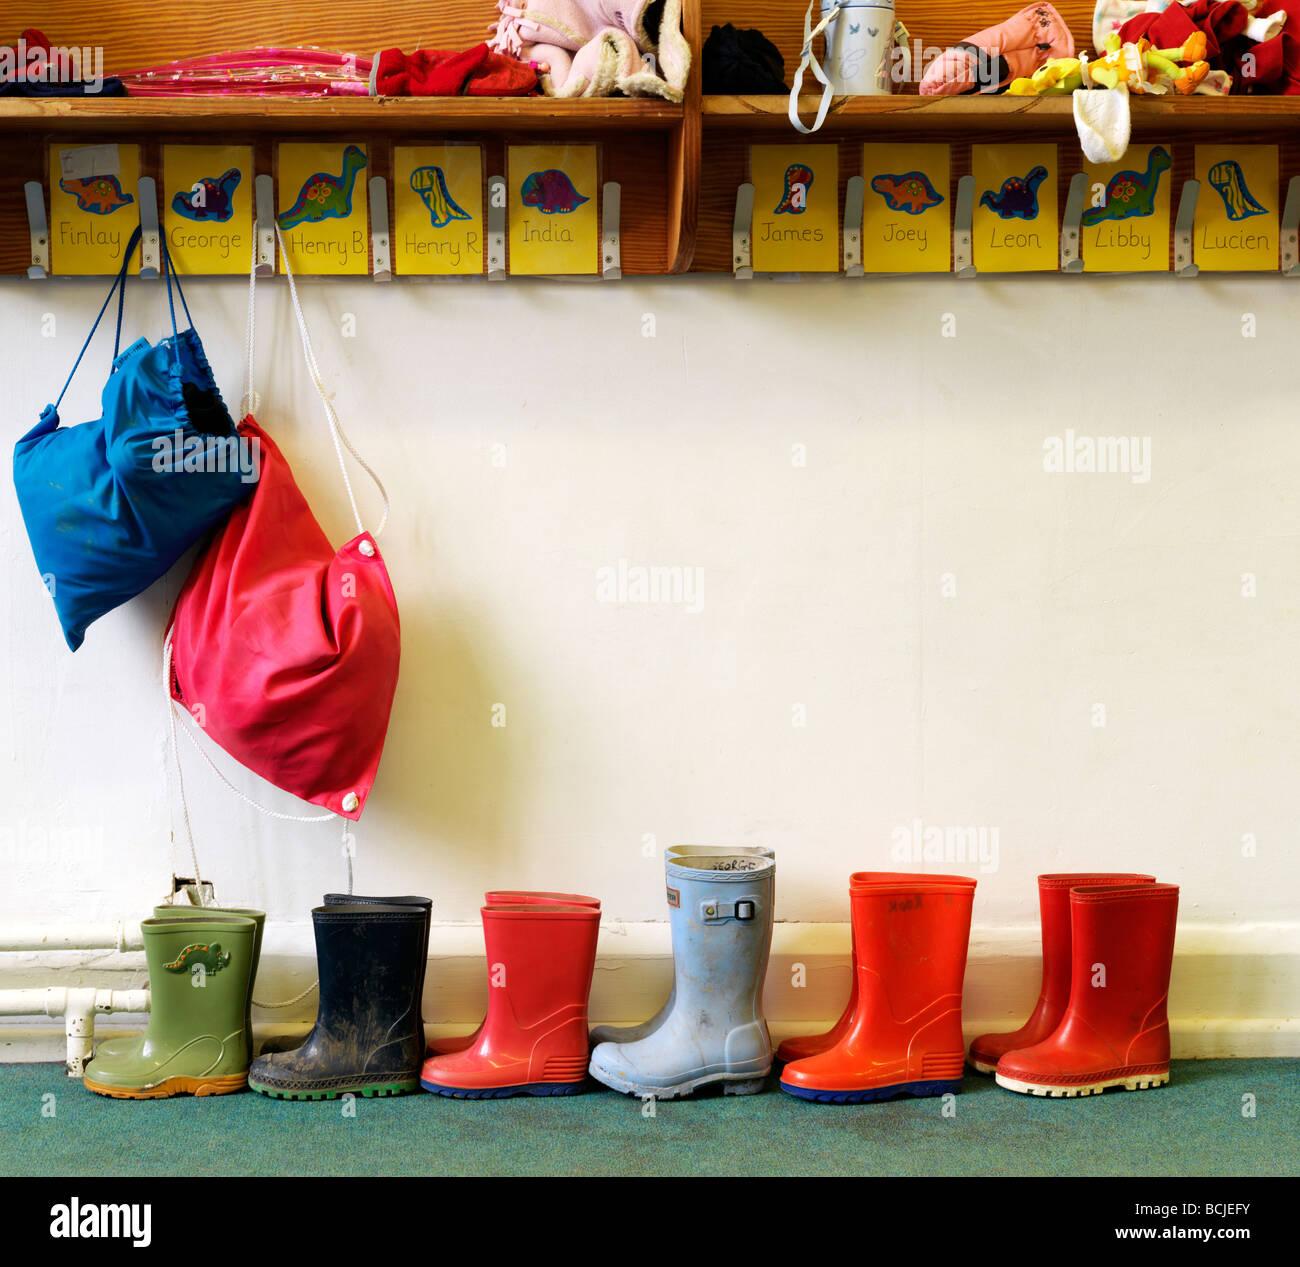 Childrens Wellington boots in der Schule in der Nähe von Heringen Stockbild